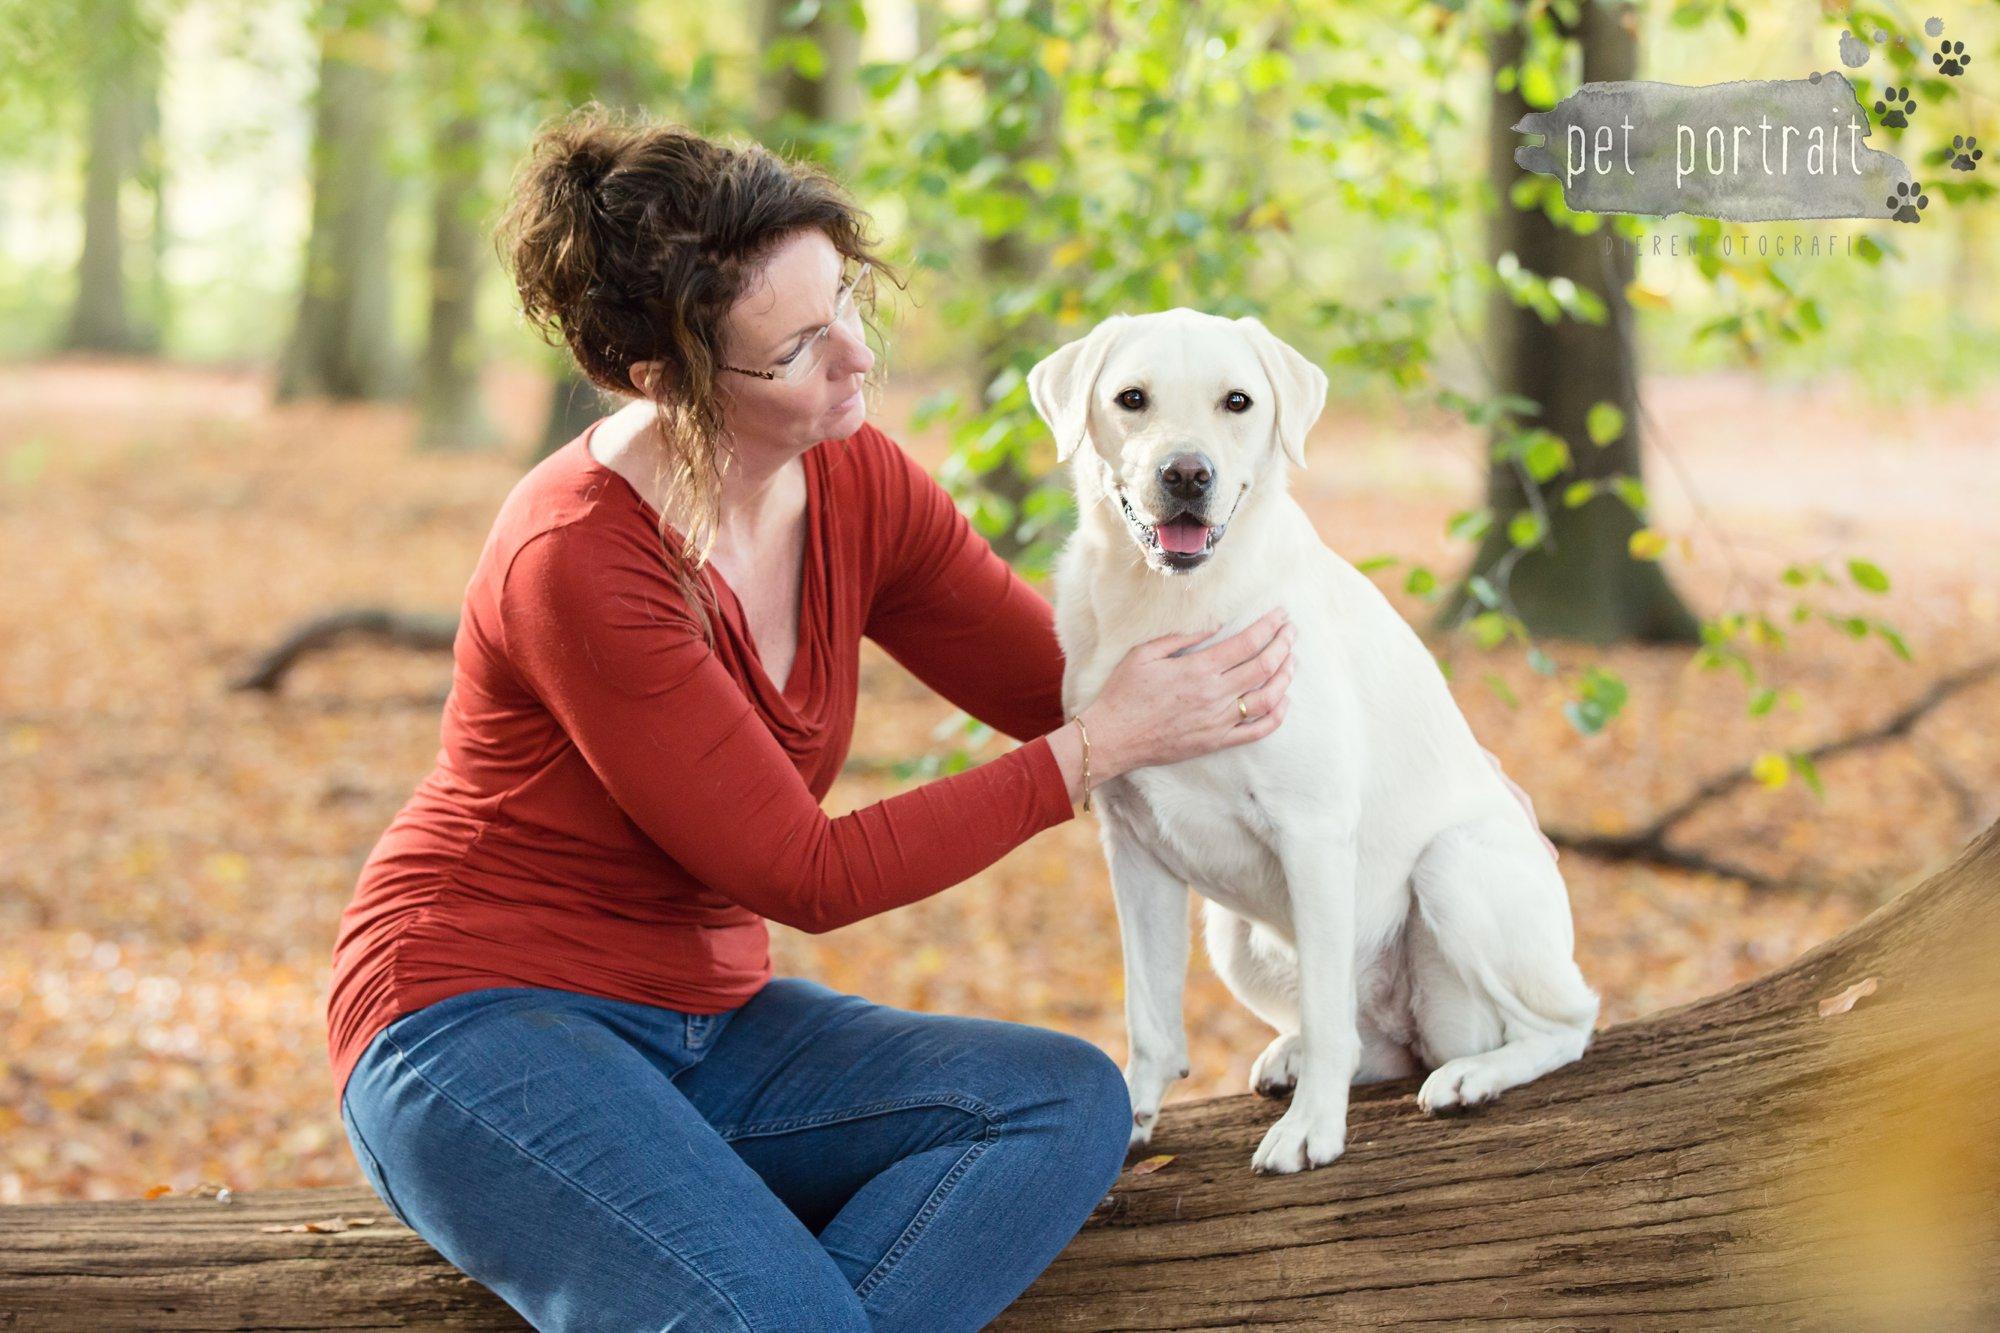 hondenfotograaf-s-graveland-beloved-dier-en-baasje-fotoshoot-labrador-juul-6